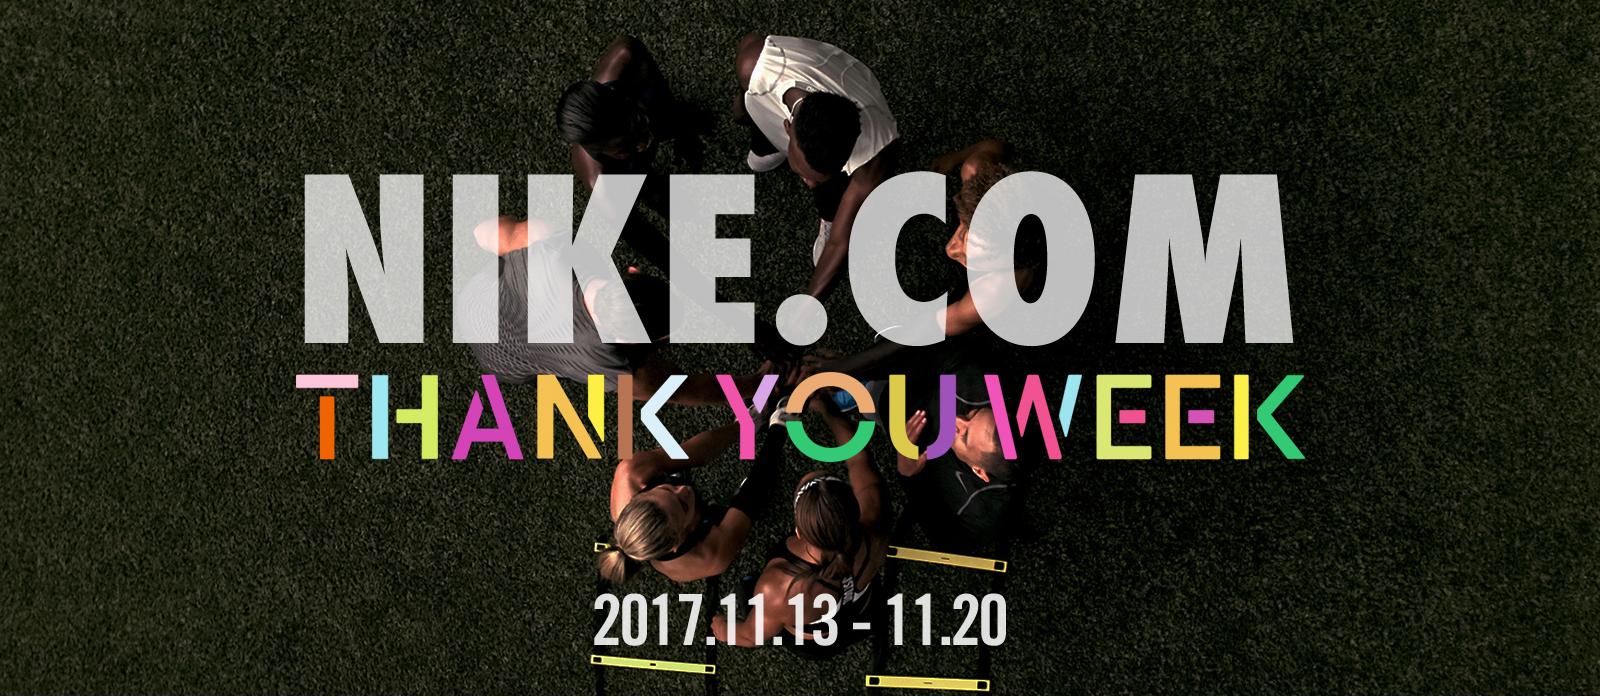 ナイキ オンラインストア4周年記念「THANK YOU WEEK」